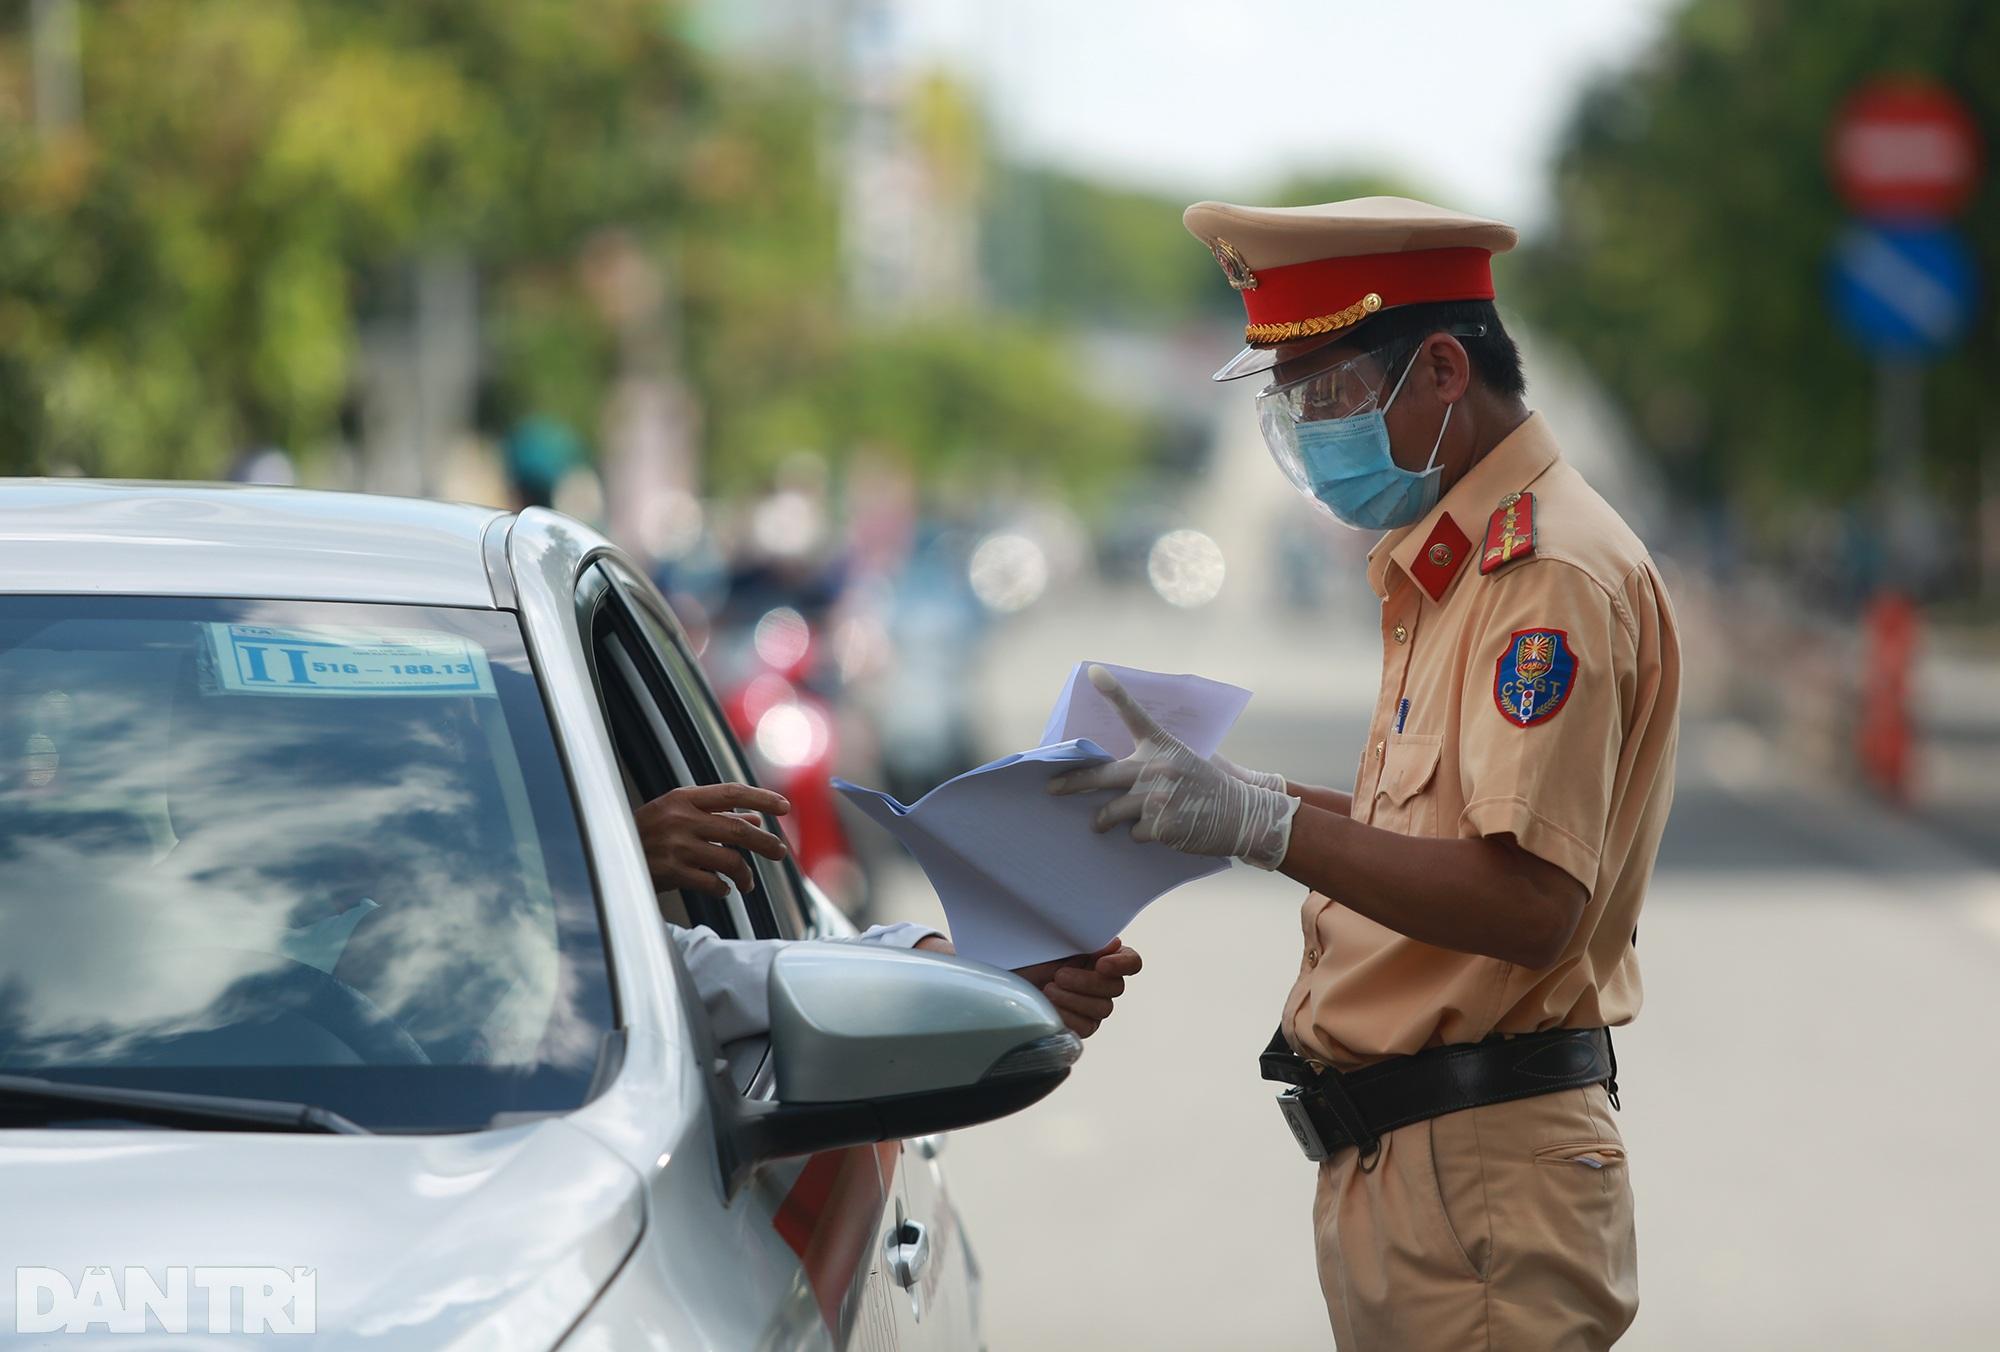 Đạp xe ra đường ở TPHCM với lý do mập mờ không thể xác thực bị phạt 2 triệu - 3